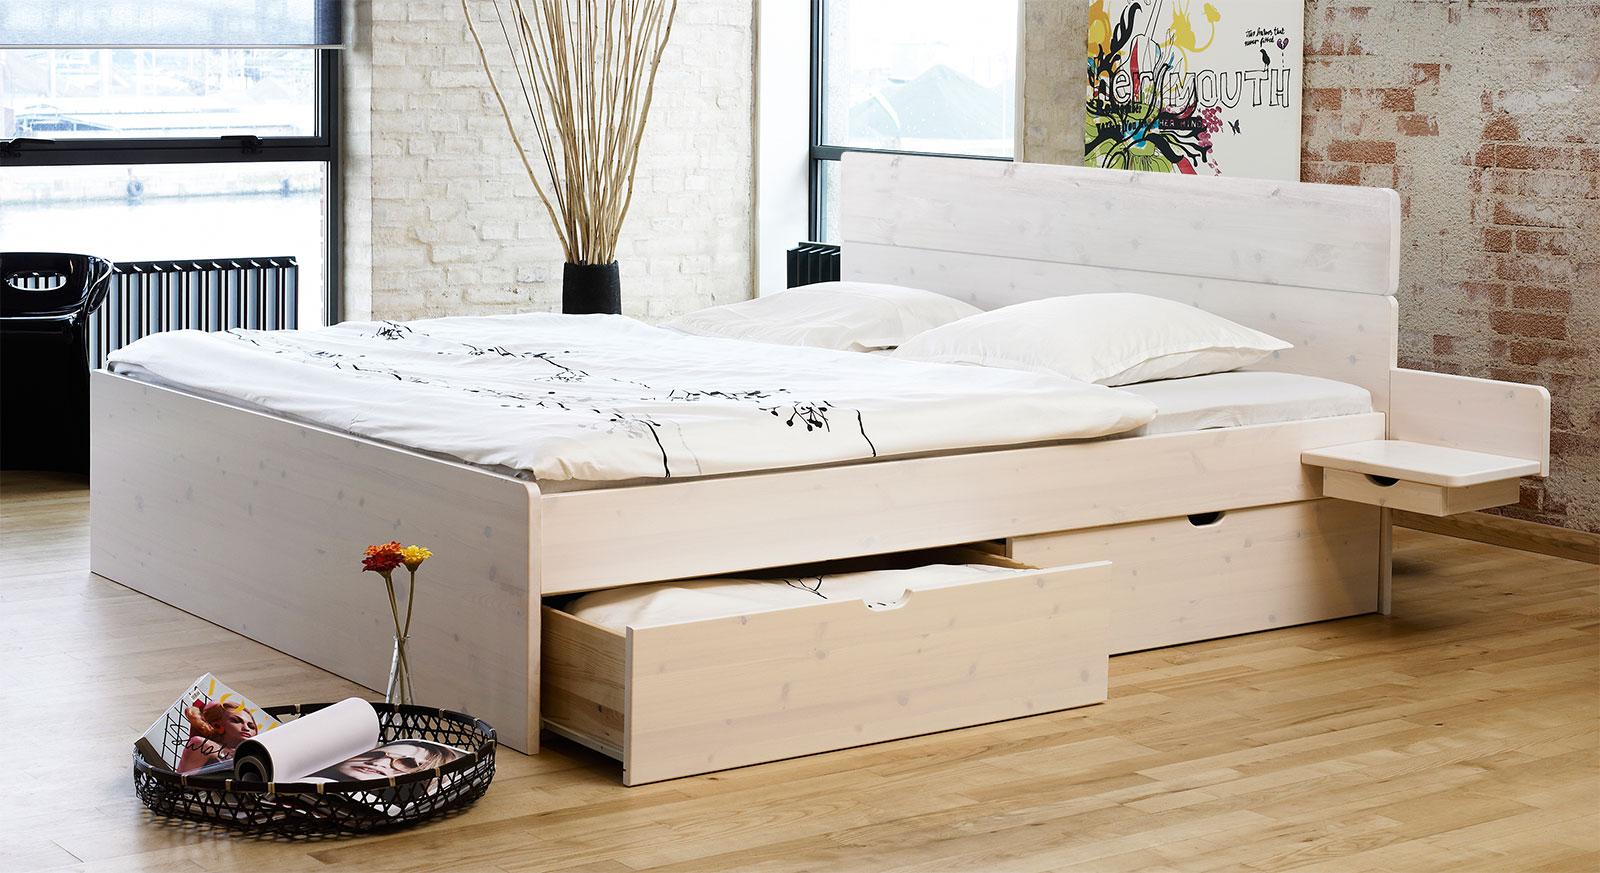 Schubkasten-Bett Finnland in weiß mit passenden Produkt